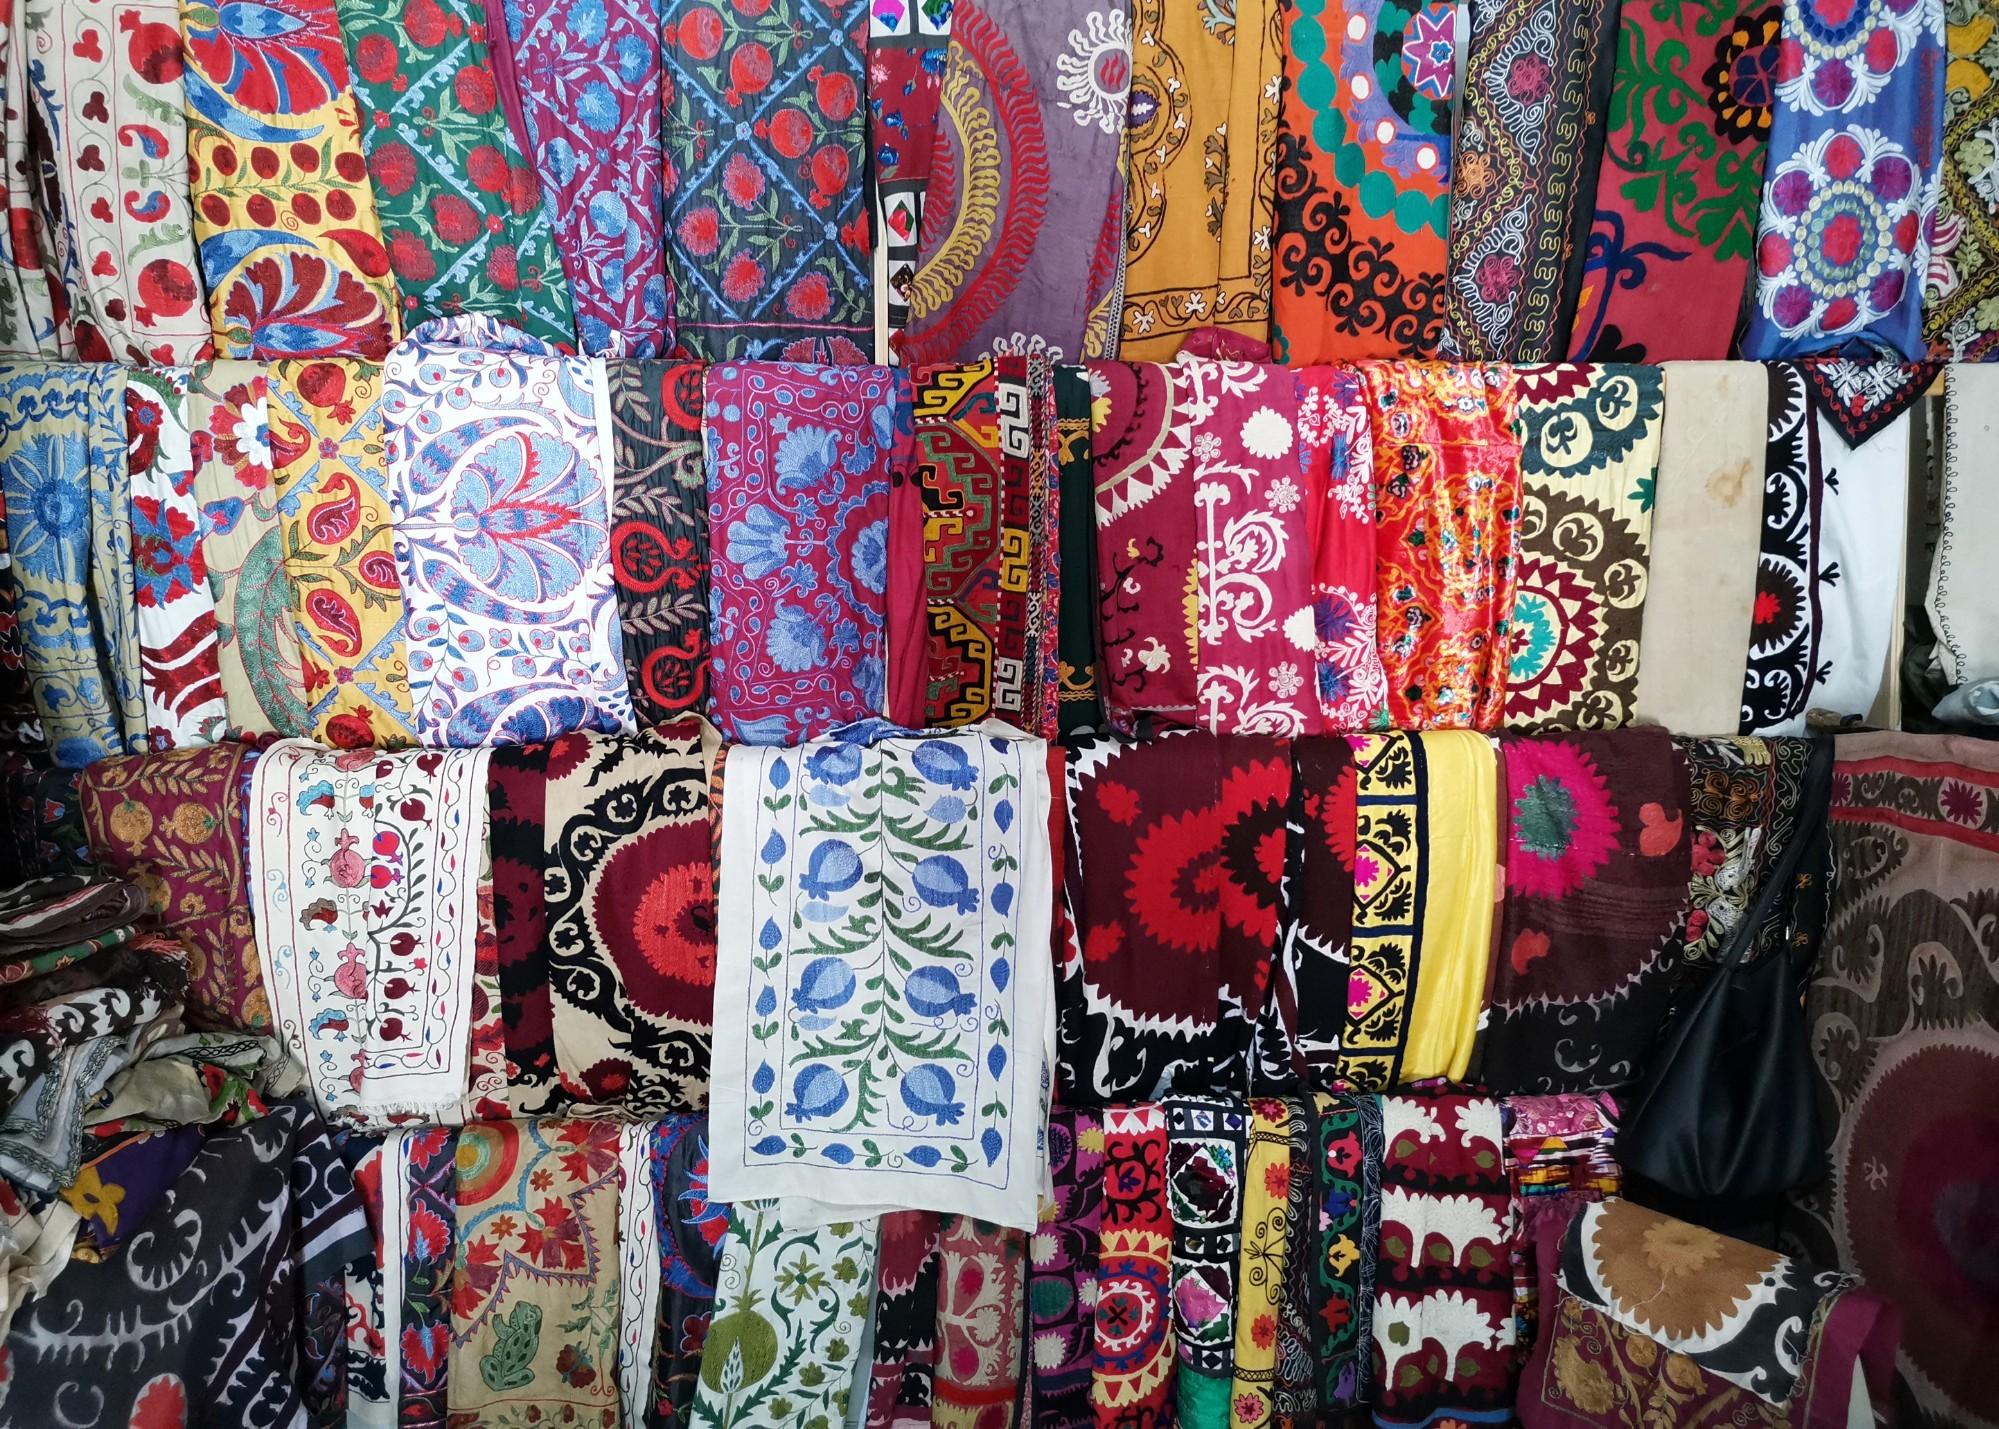 рулем картинка узбекистан духтарак ирину практически